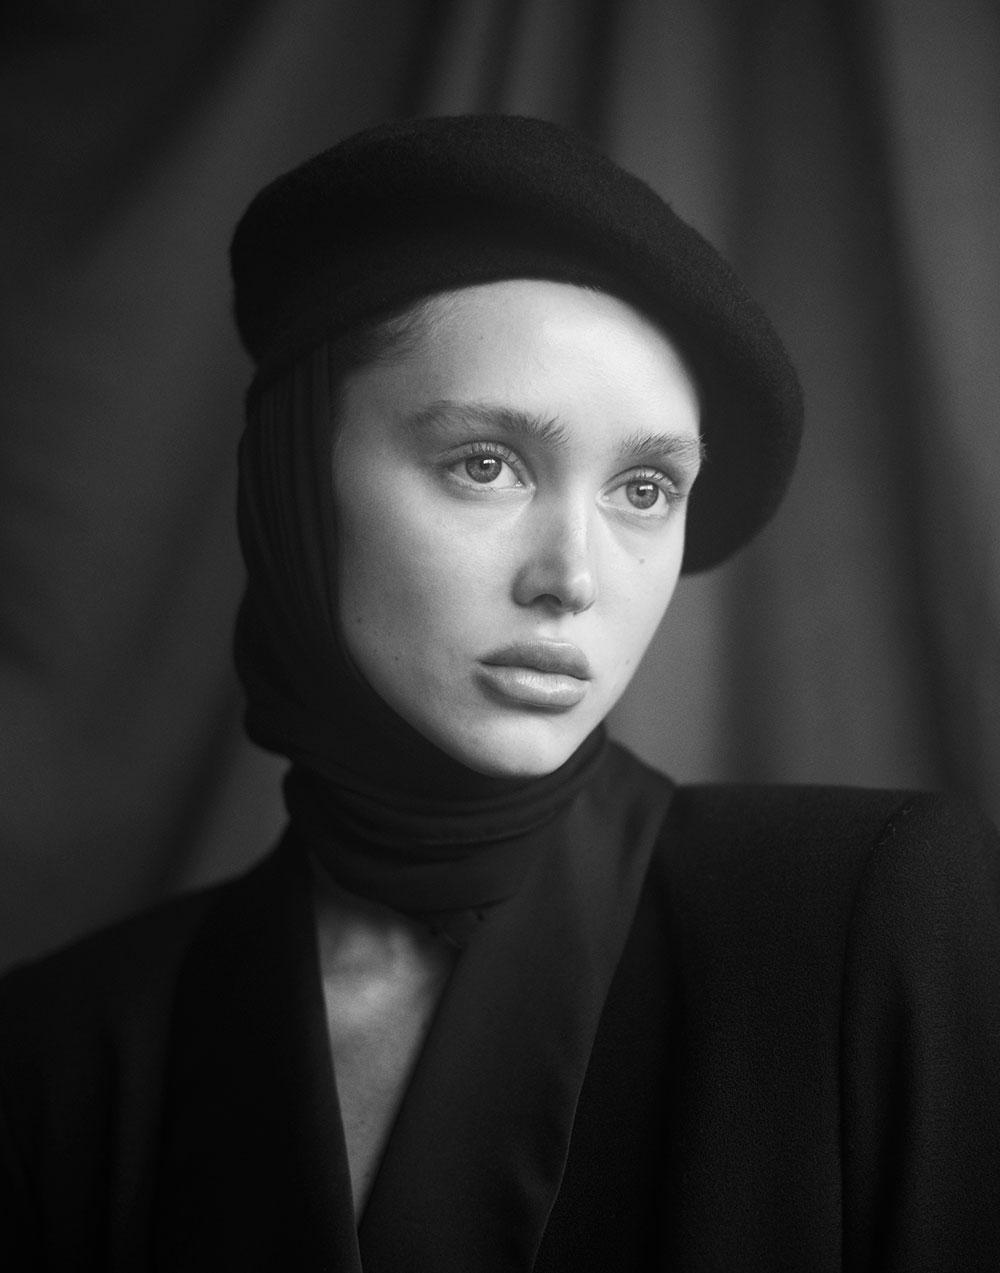 Black and white photo by of Aliyah Galyautdinova Ryan Michael Kelly for MONROWE magazine